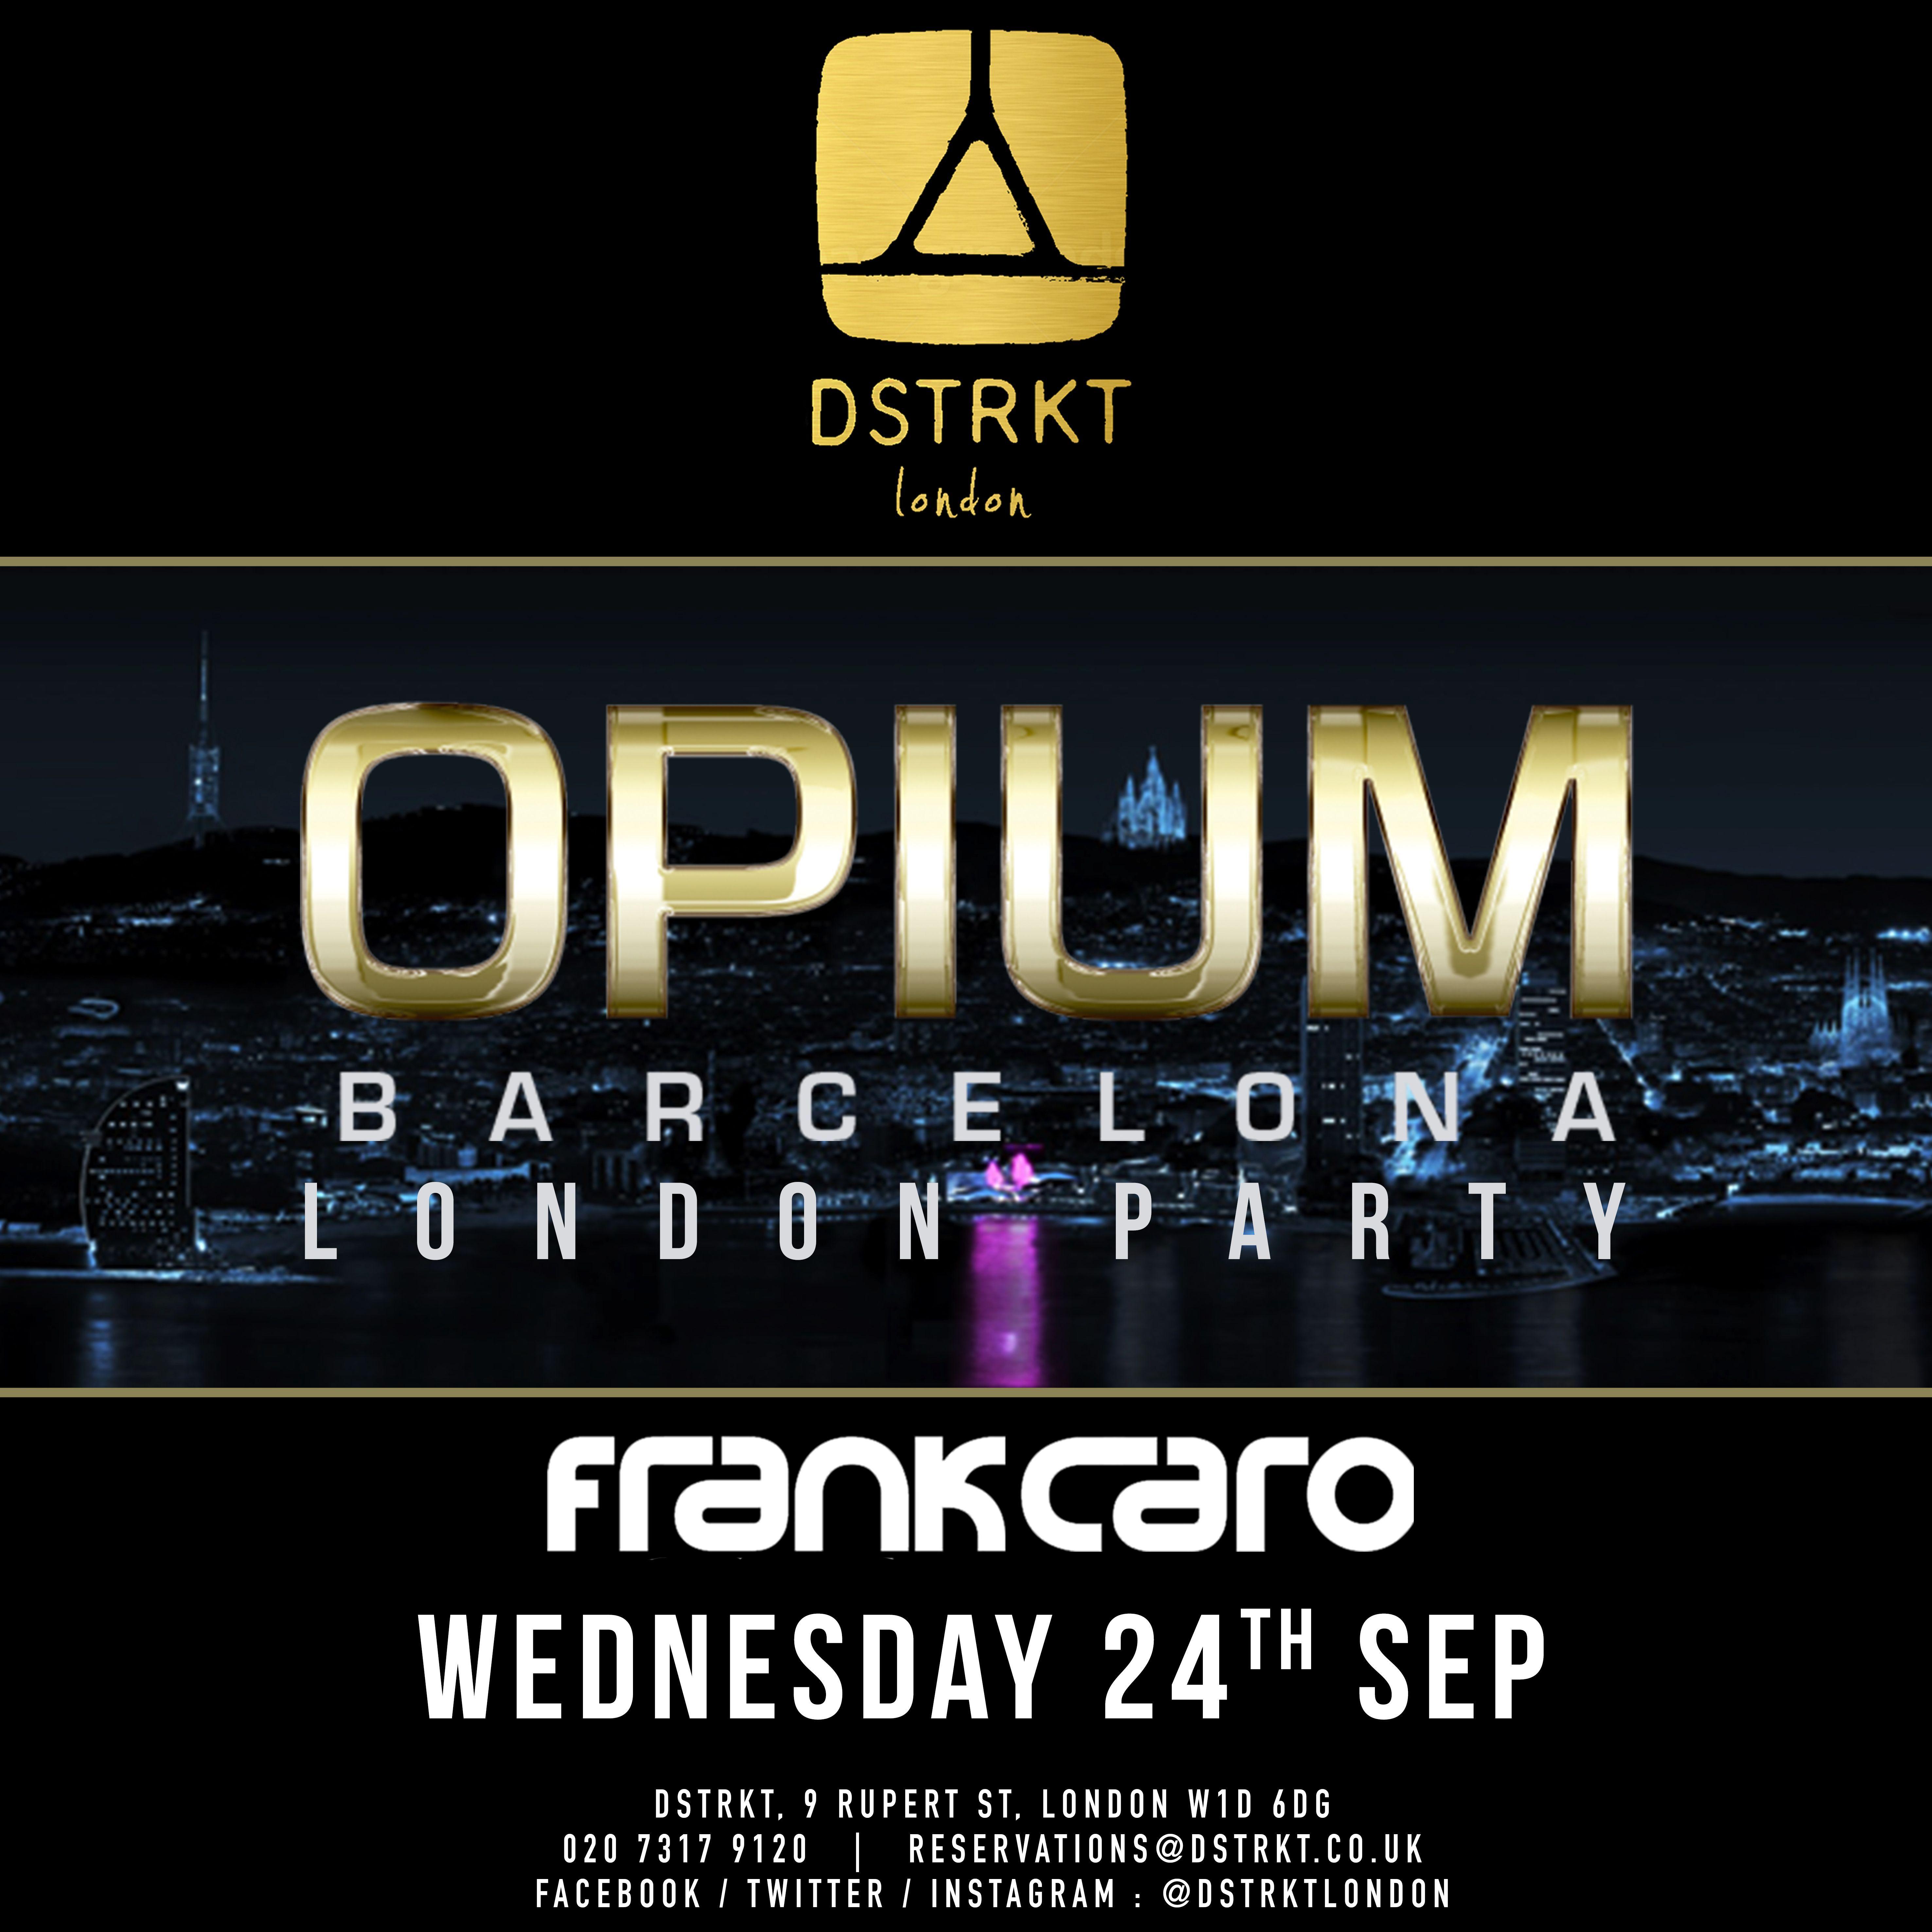 Join Team DSTRKT on WEDNESDAY 24rd September for the